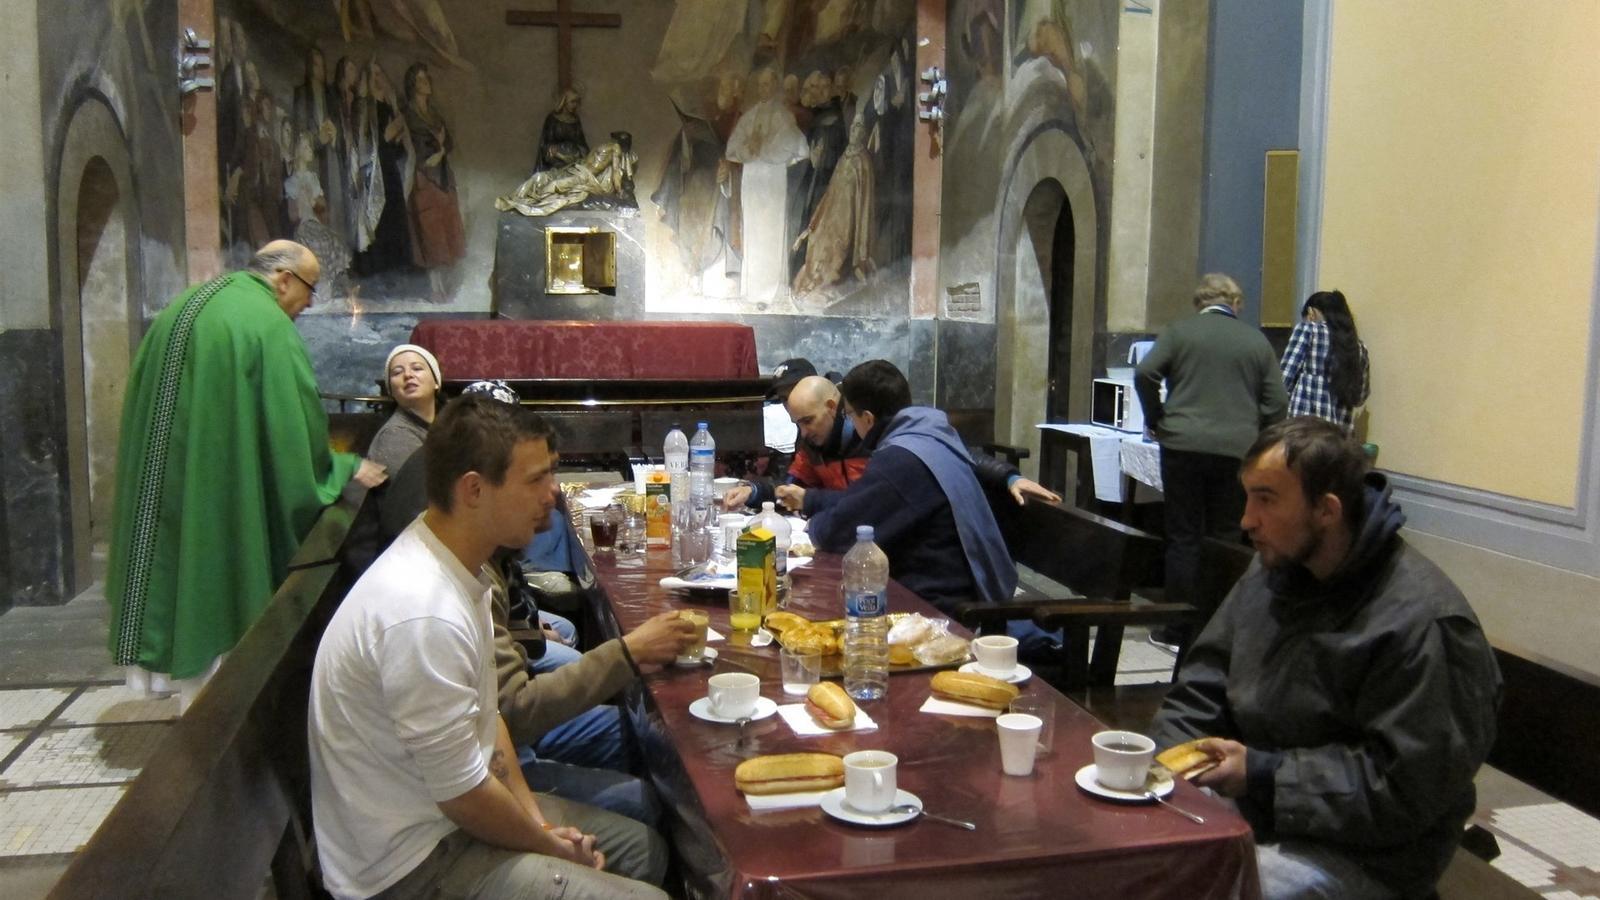 La parròquia de Santa Anna de Barcelona obre les portes per acollir els sensesostre durant l'onada de fred